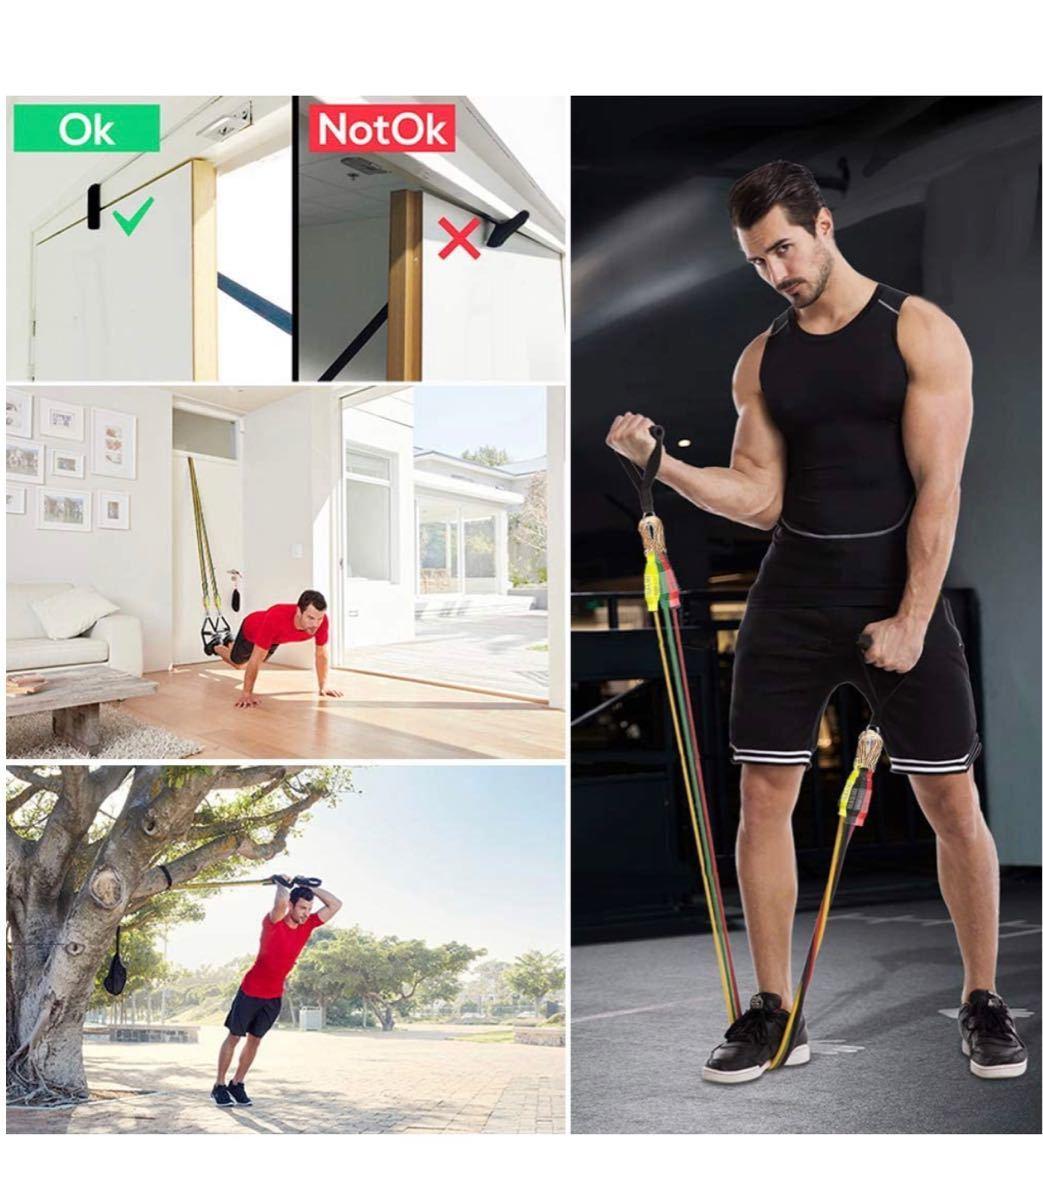 トレーニングチューブ 超強化 チューブトレーニング 腕、背中、脚、胸部、腹部、